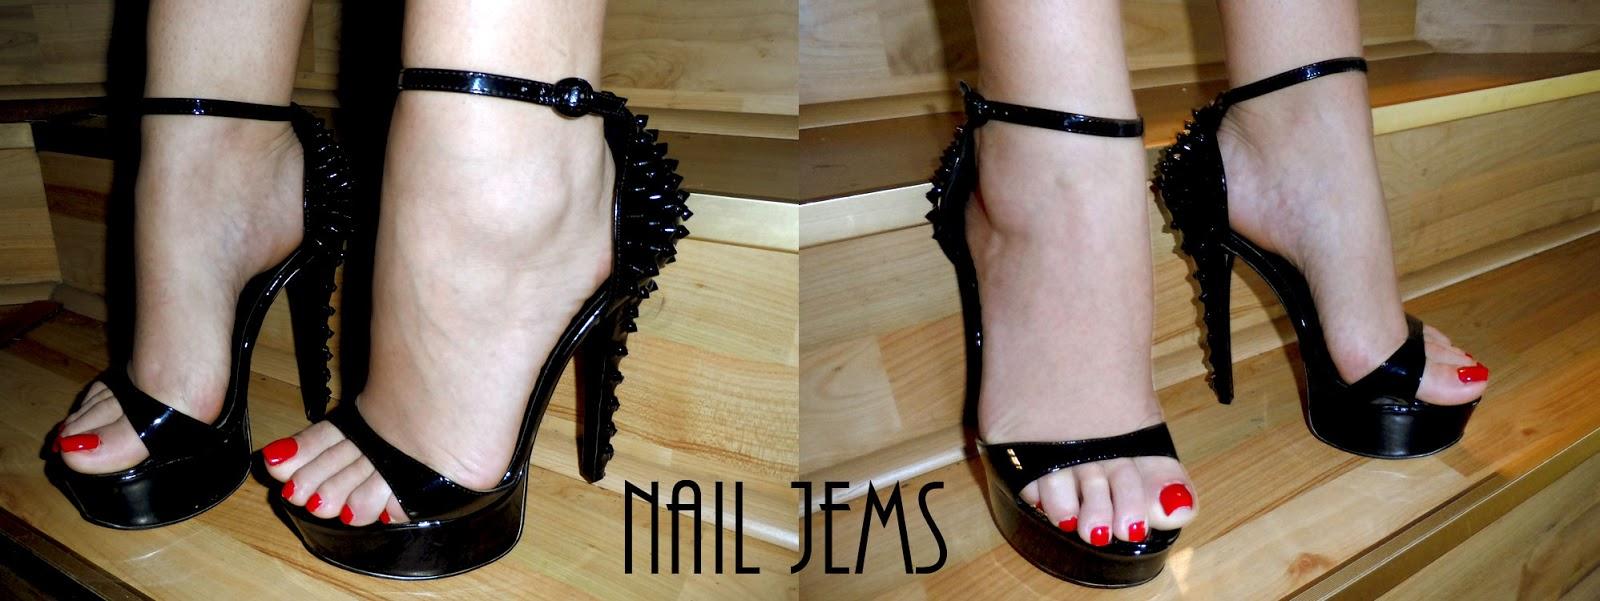 Nail Jems: Vampy Shoes Need Vampy Nails!